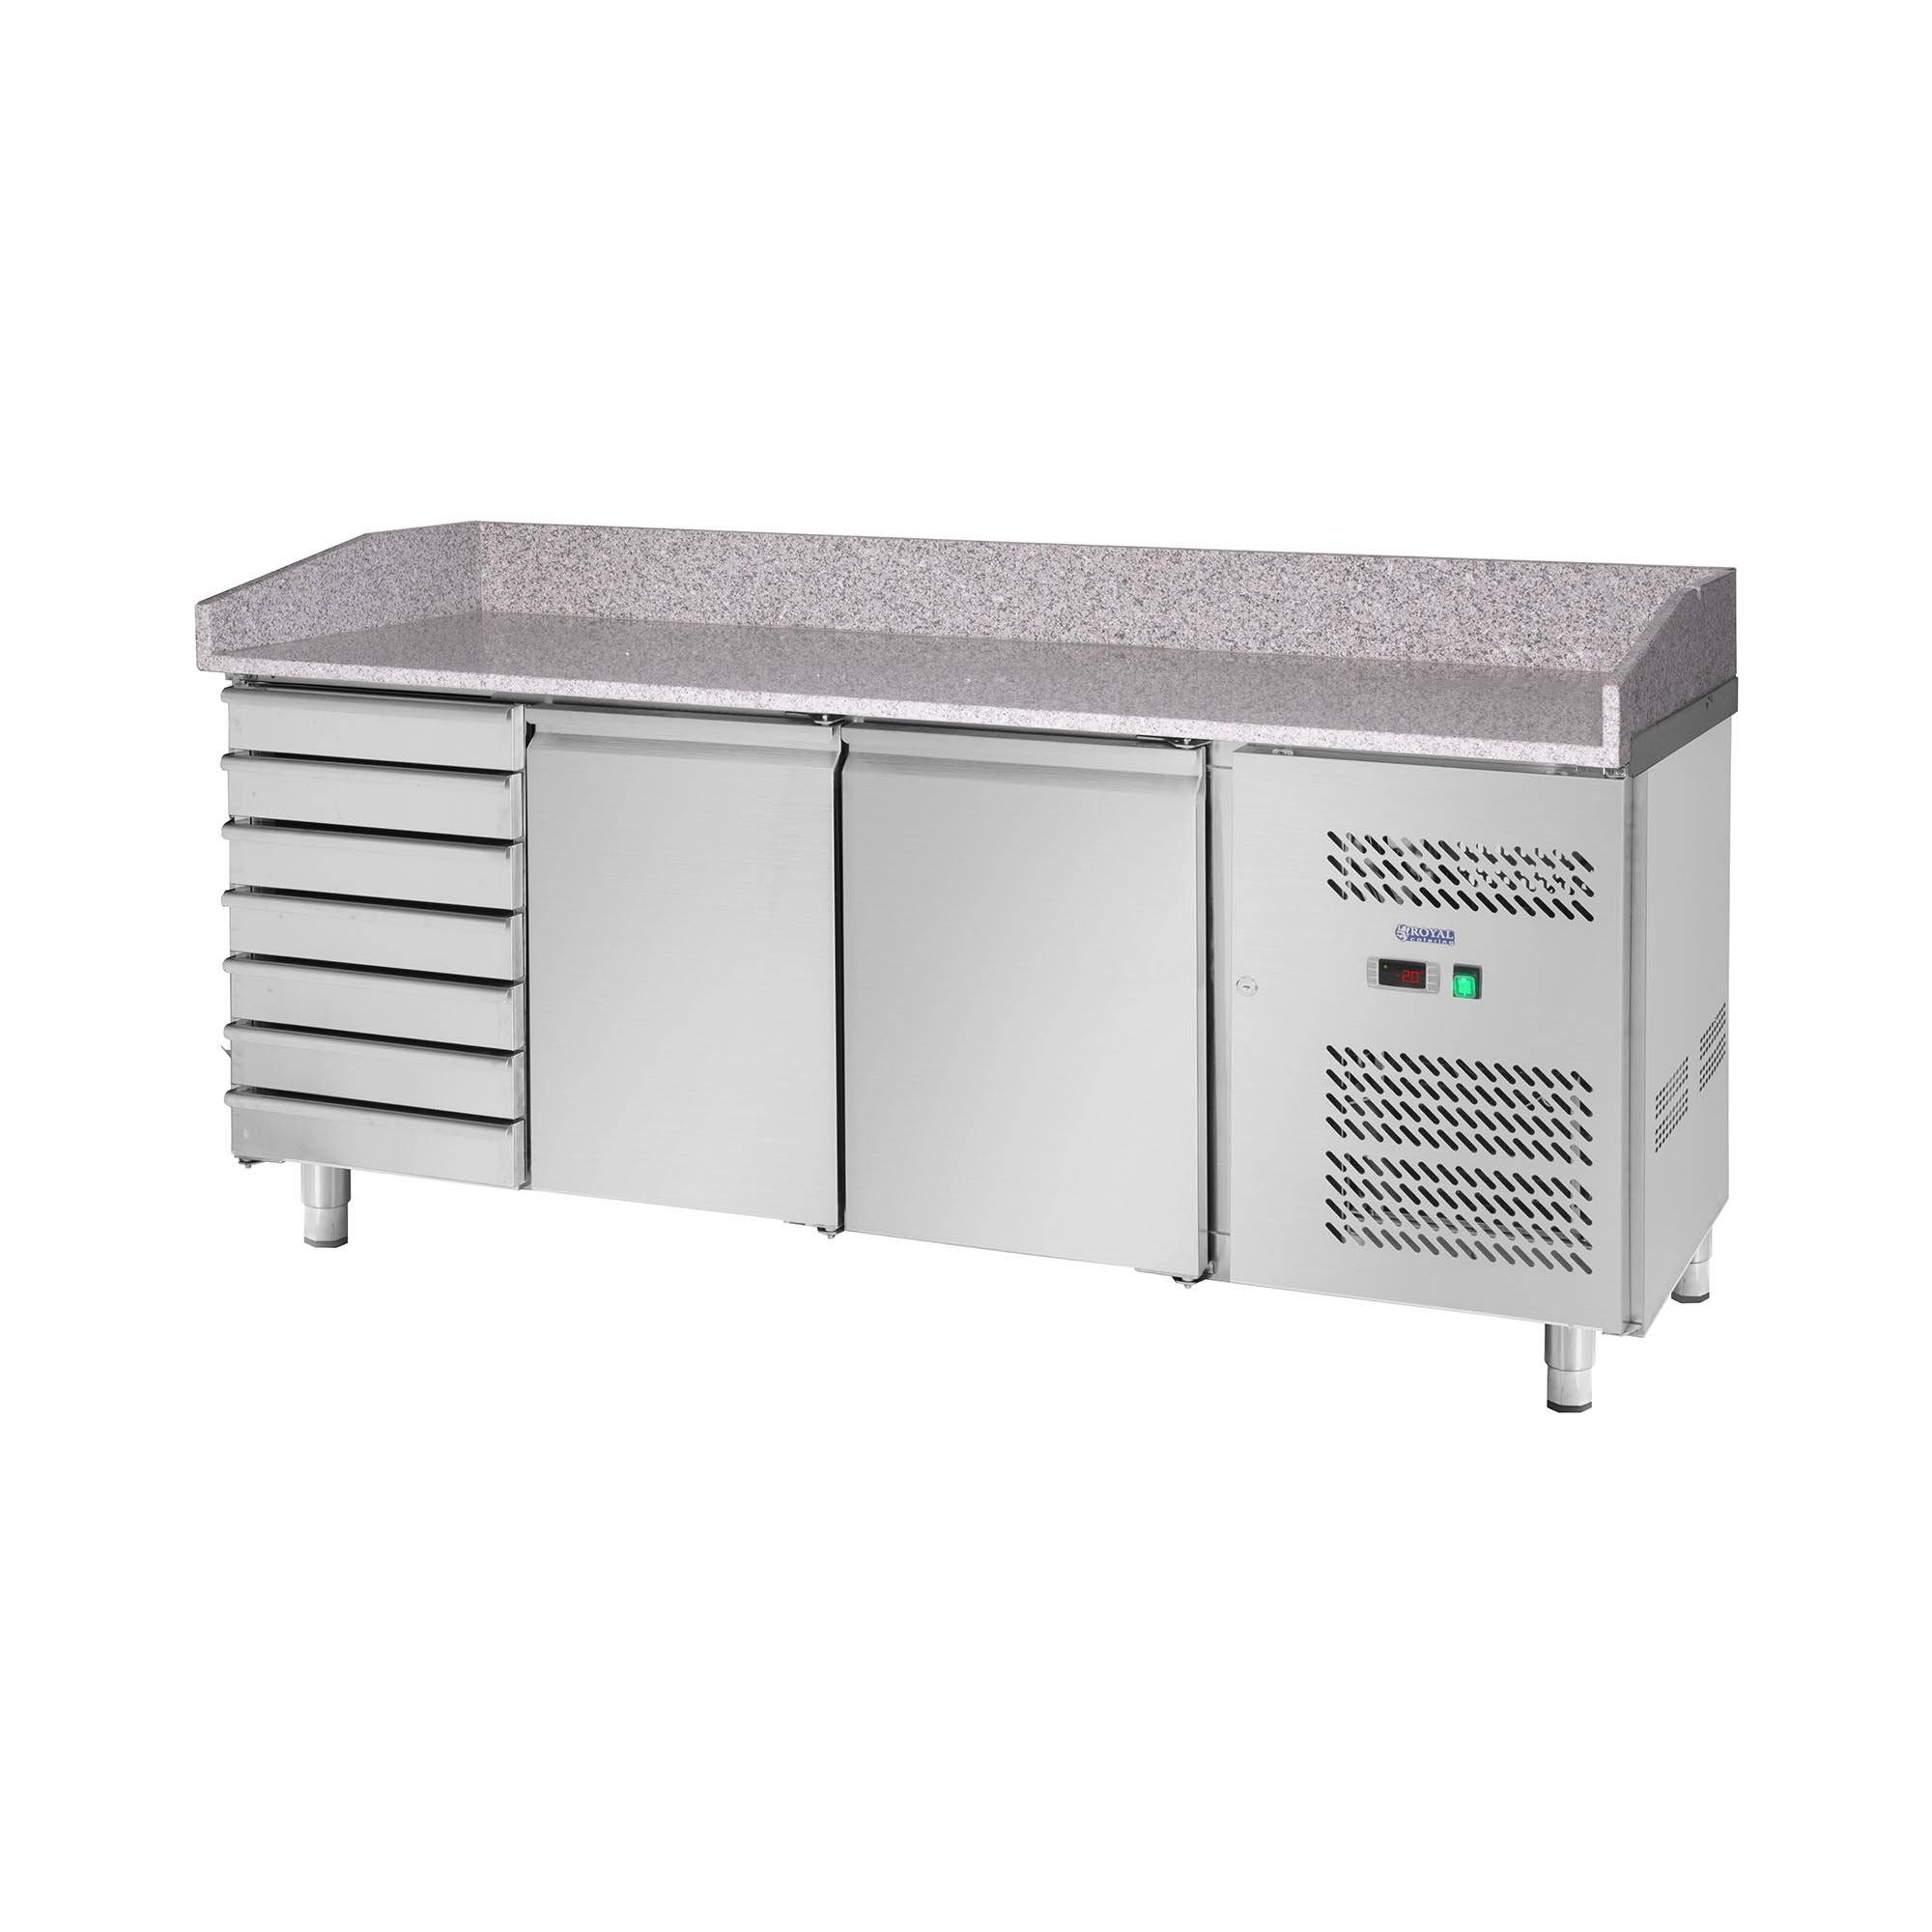 royal catering banco pizza - 580 l - tavolo di lavoro in granito - 2 ante rckt-202/80